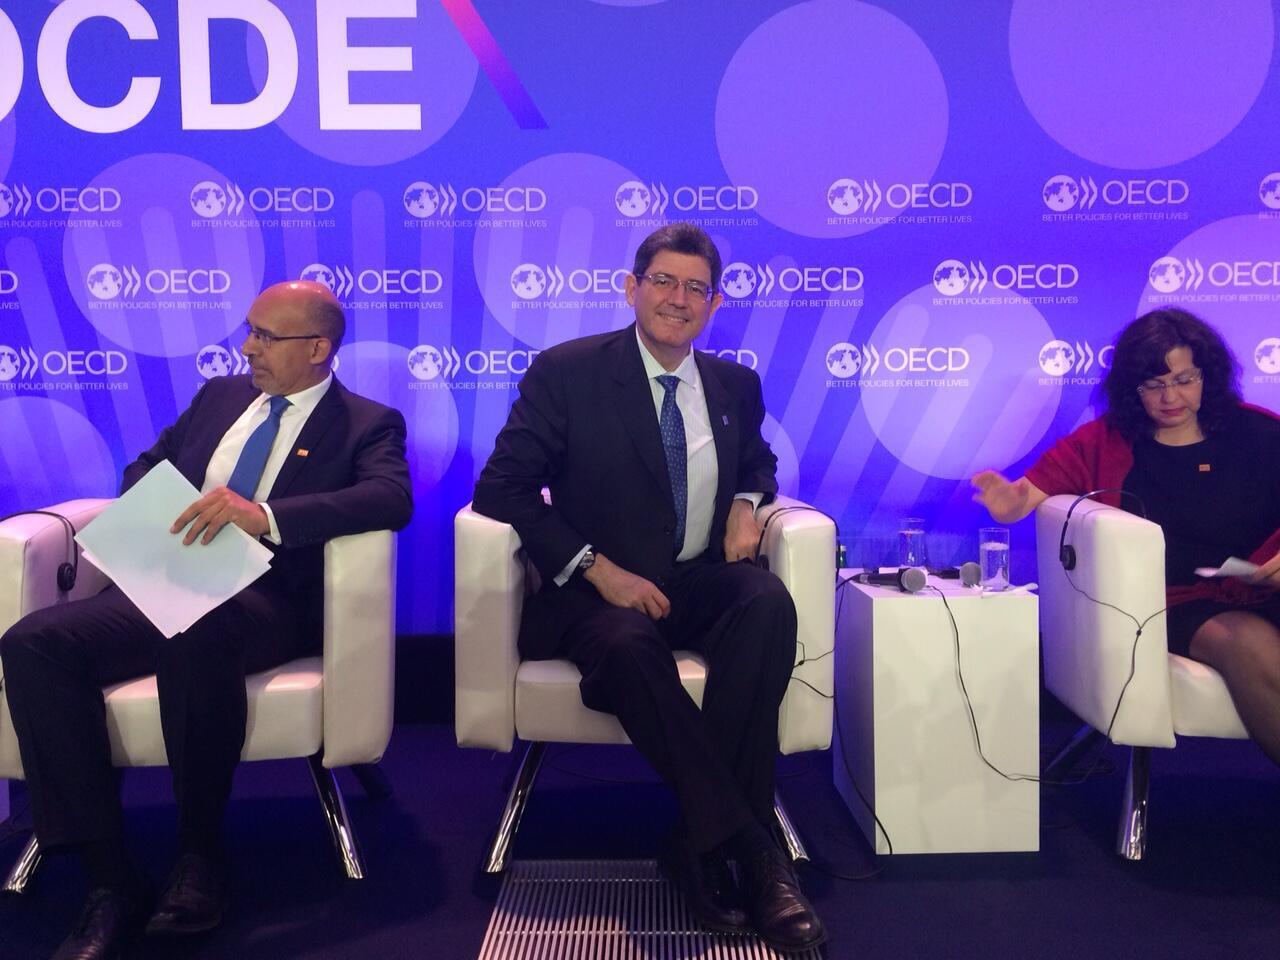 O ministro da Fazenda, Joaquim Levy (centro), participa de uma série de eventos nesta quarta-feira na sede da OCDE, em Paris.